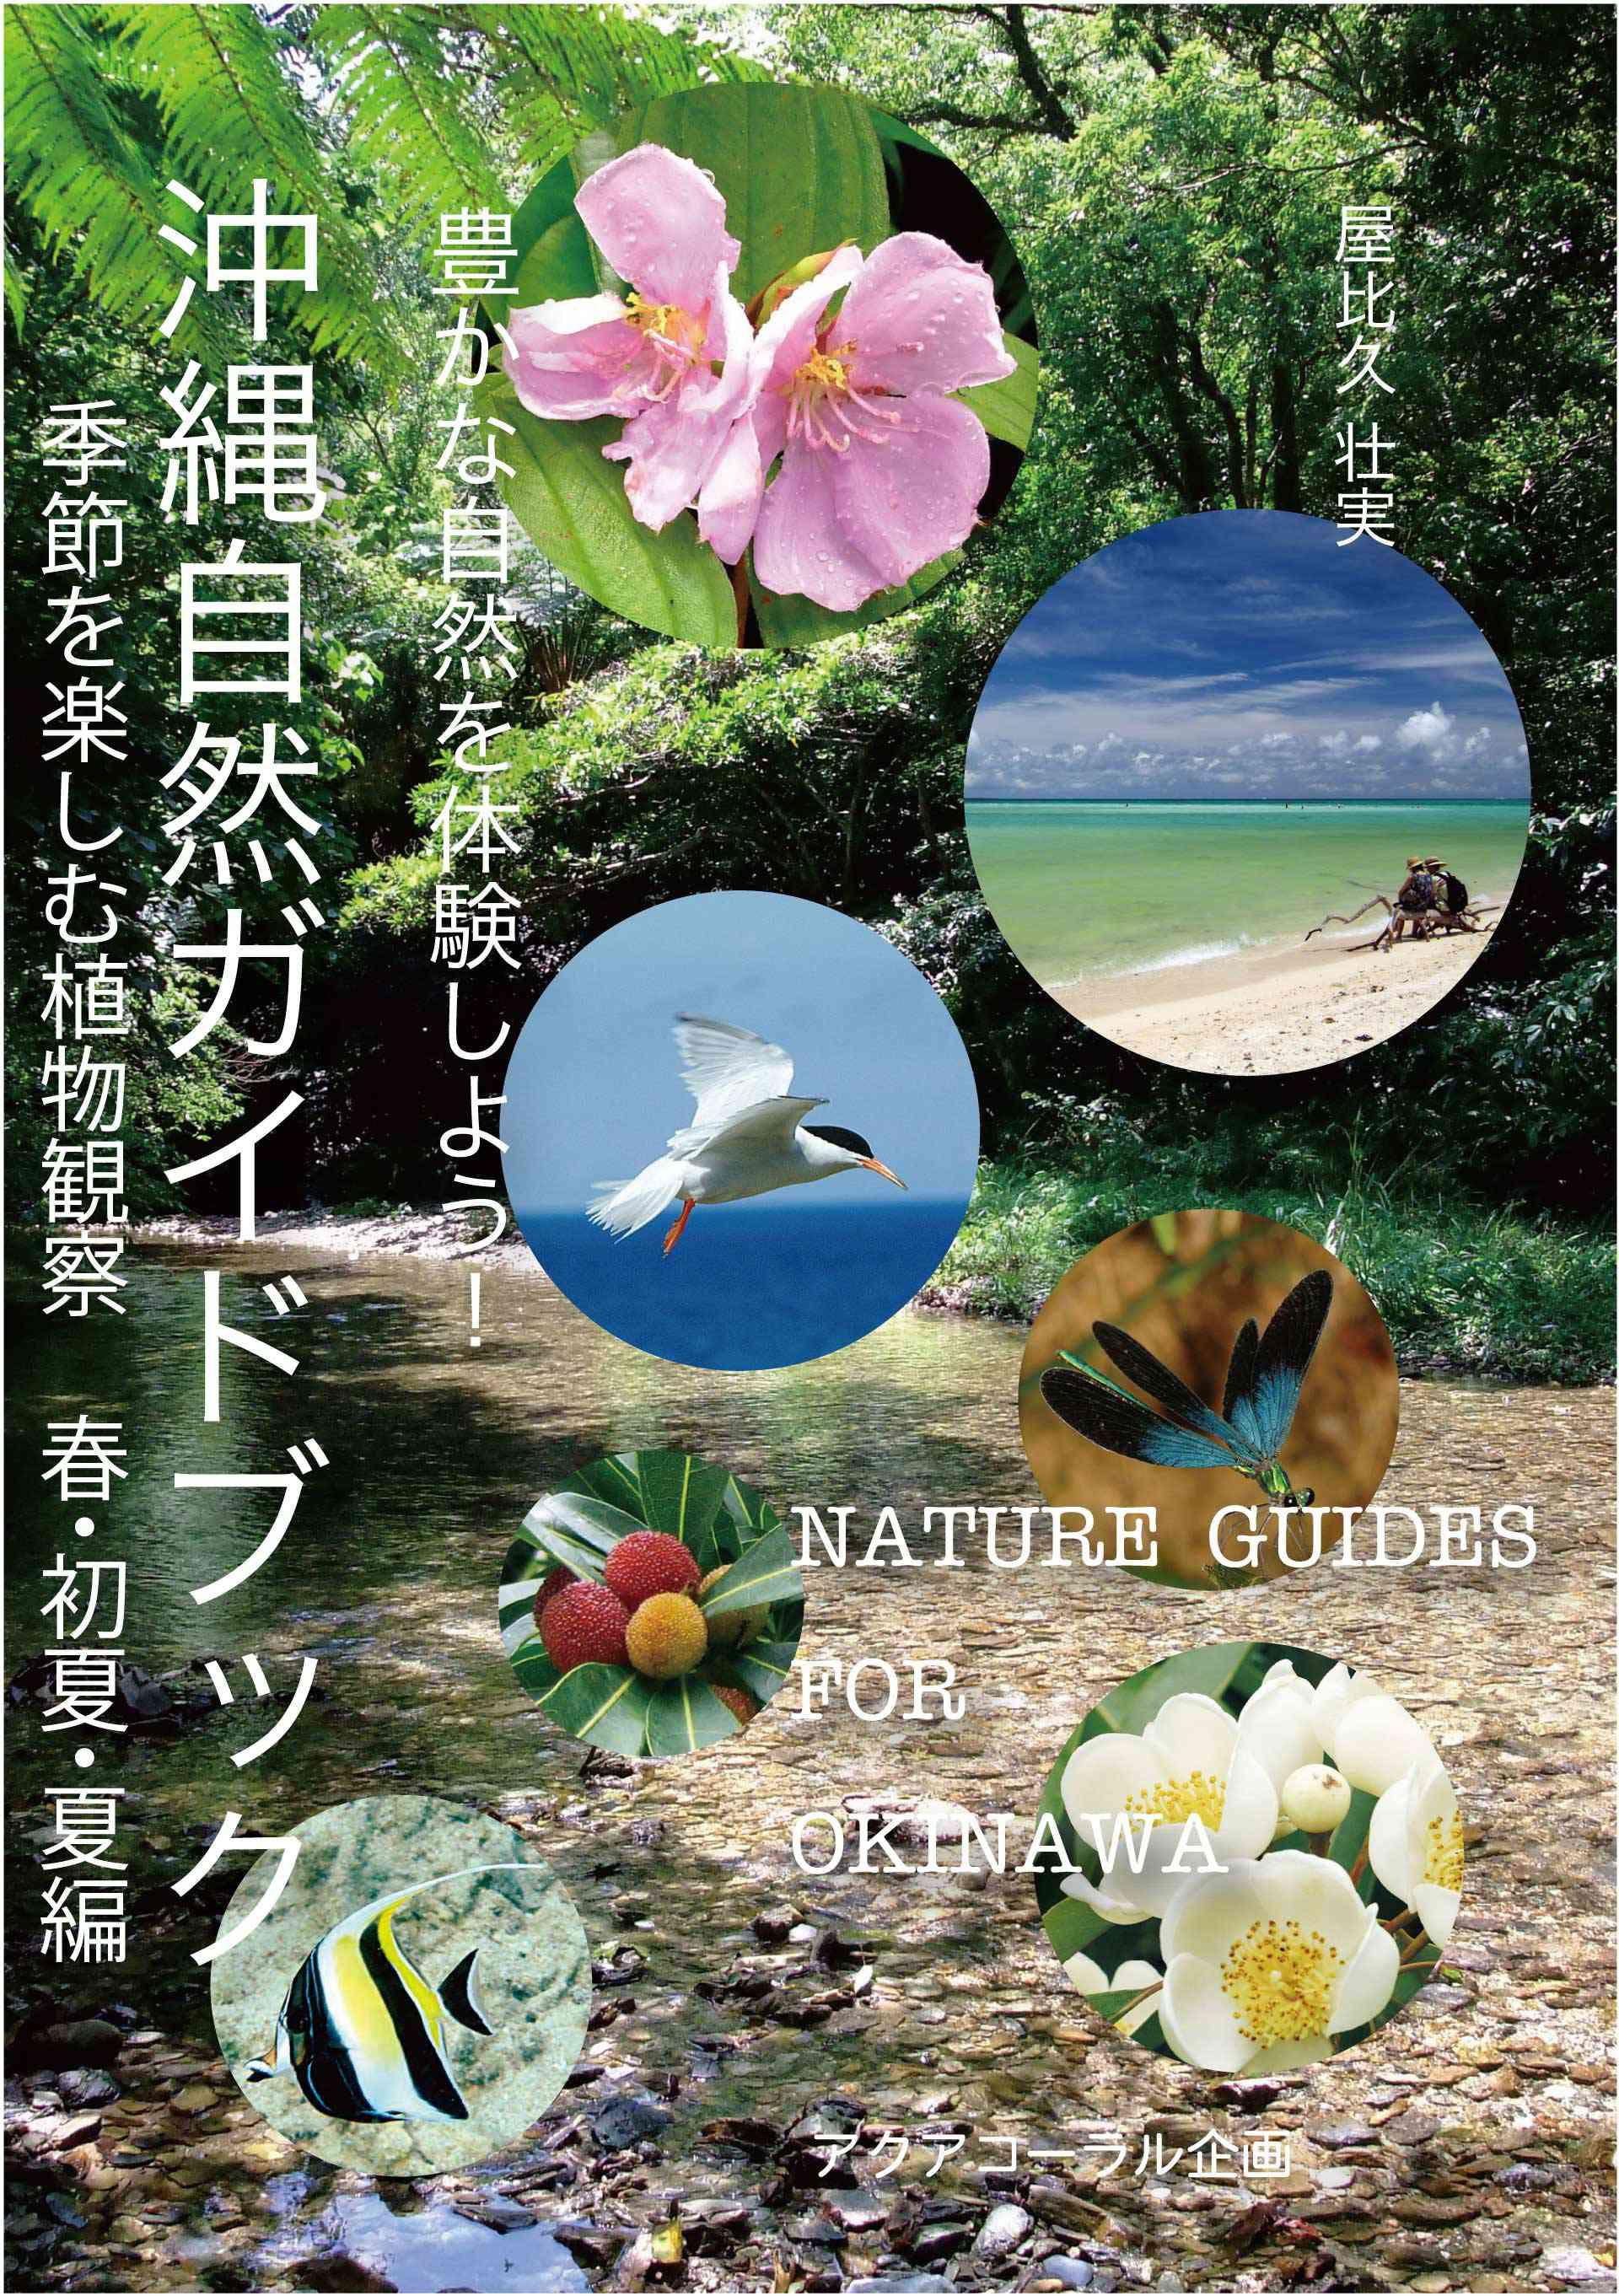 沖縄自然ガイドブック 豊かな自然を体験しよう!季節を楽しむ植物観察 春・初夏・夏編